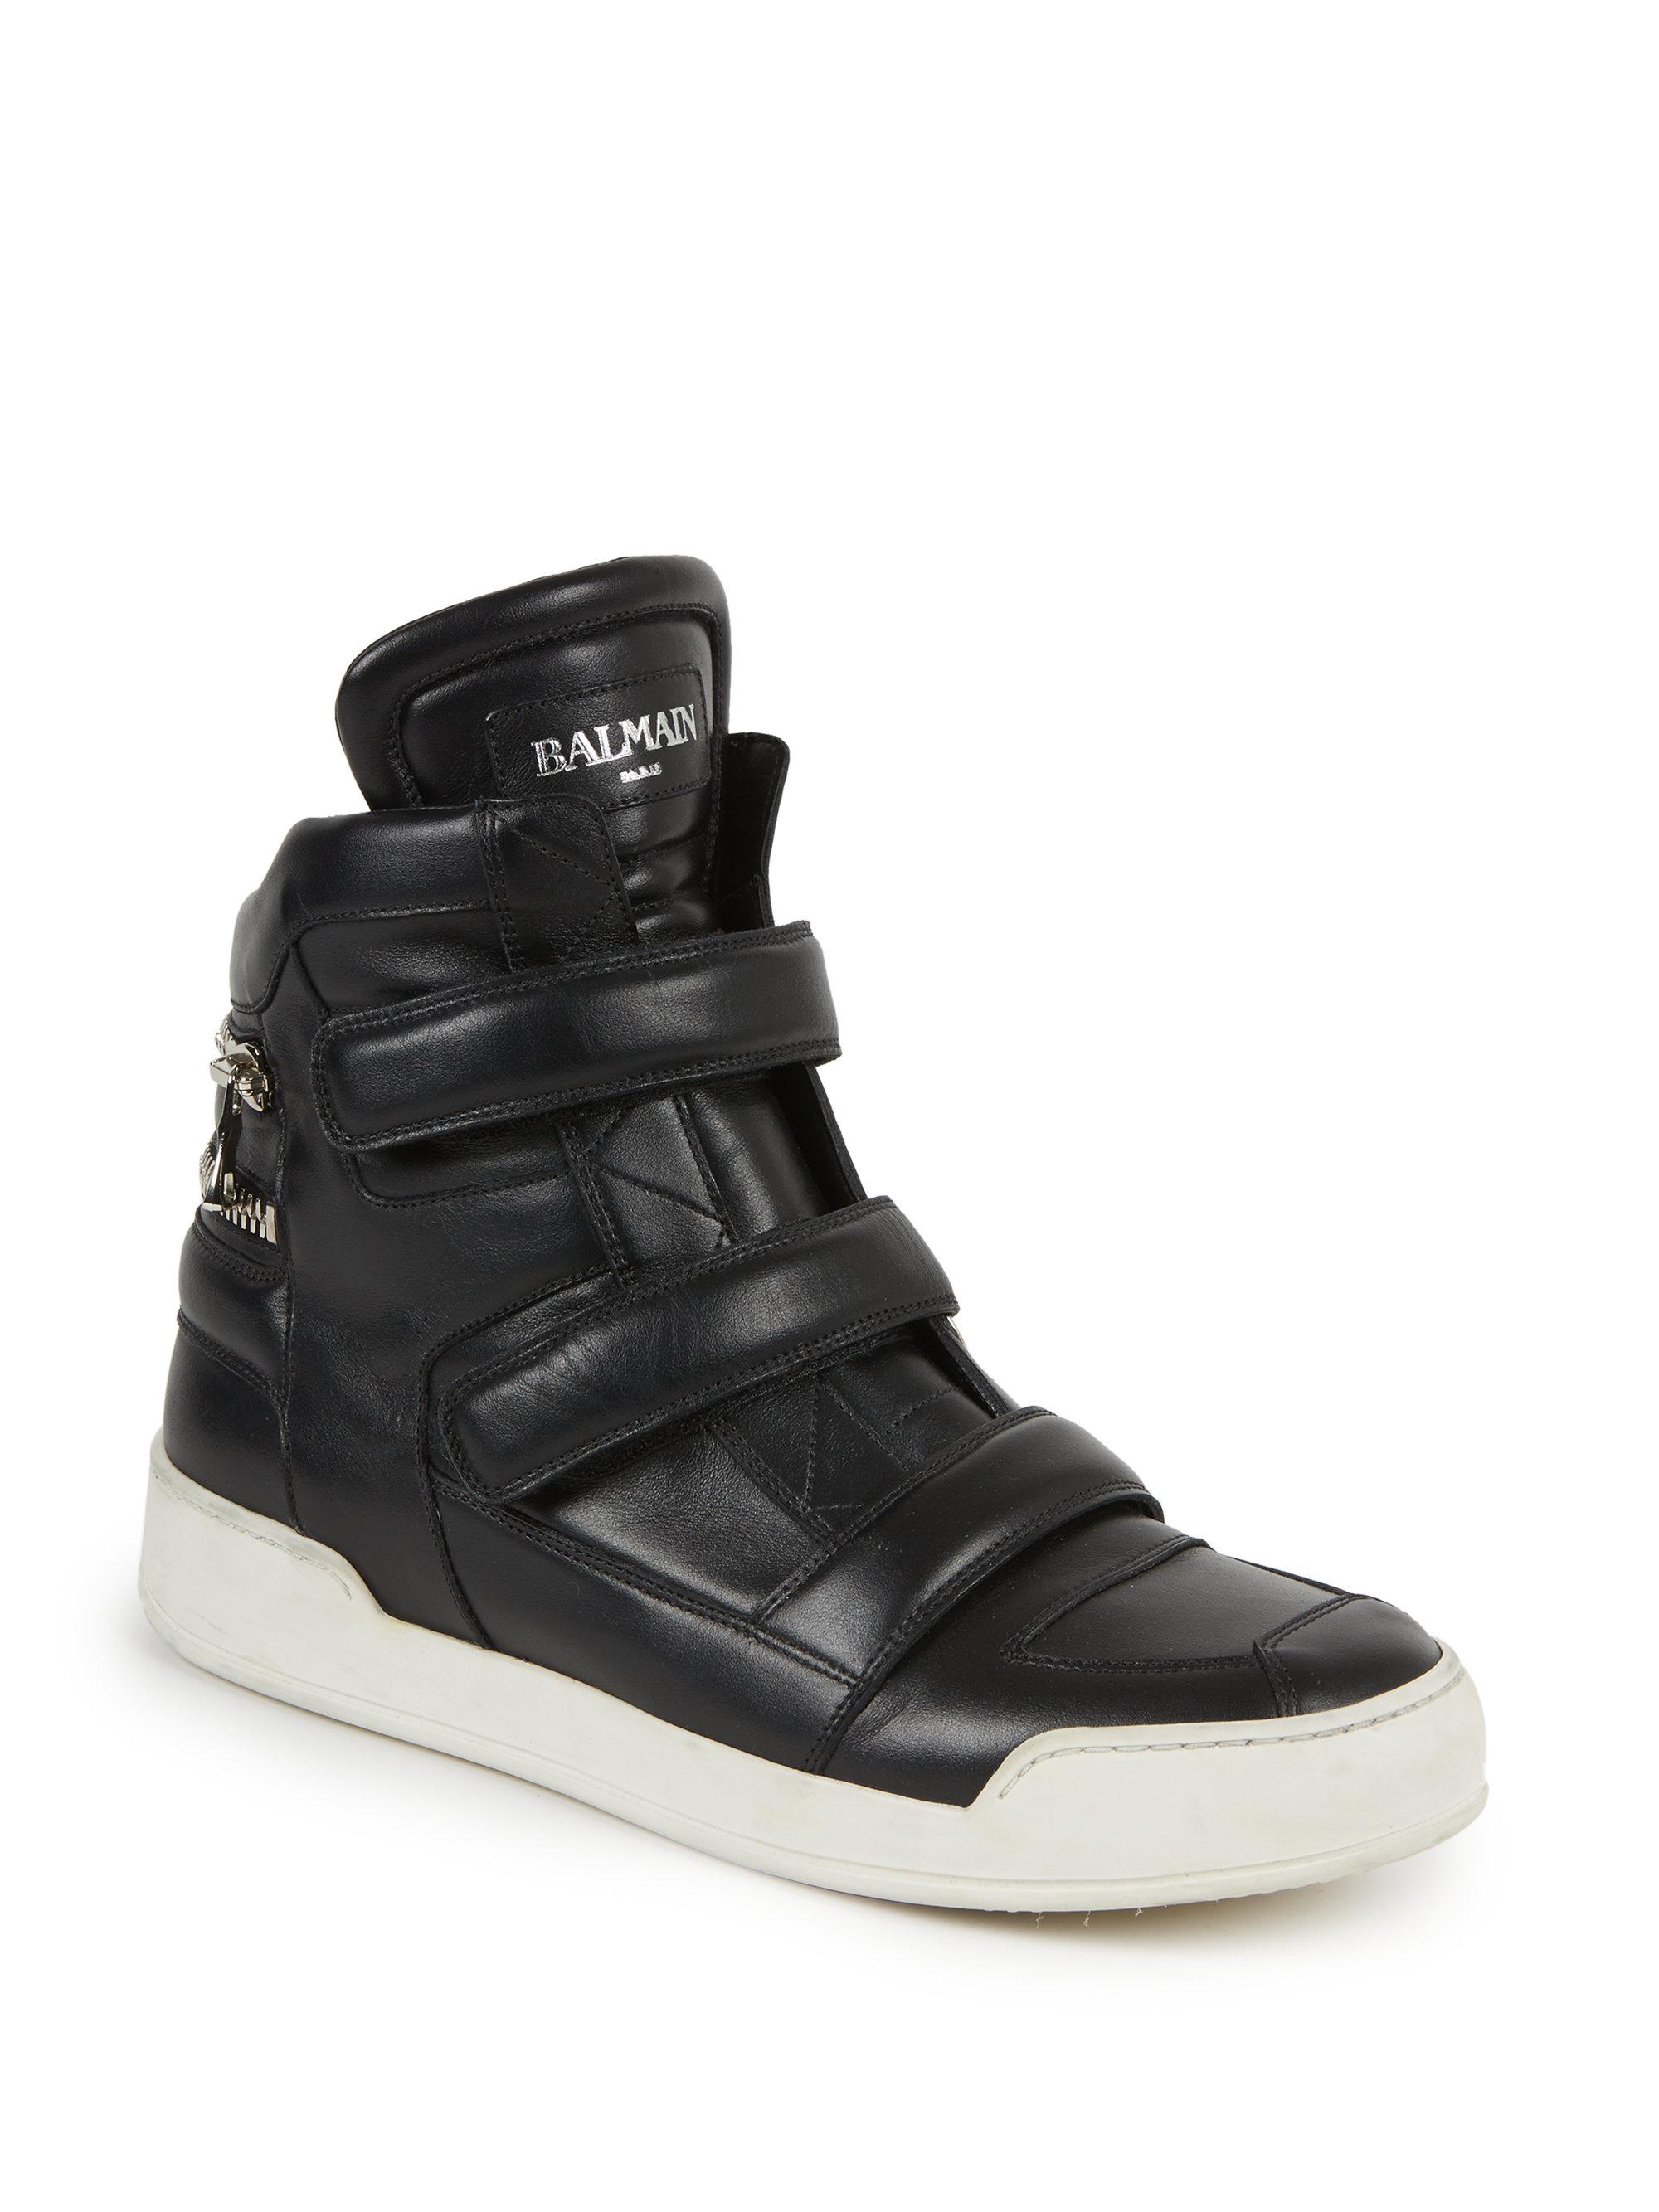 Versace high heel leather boots soaking wet - 3 4